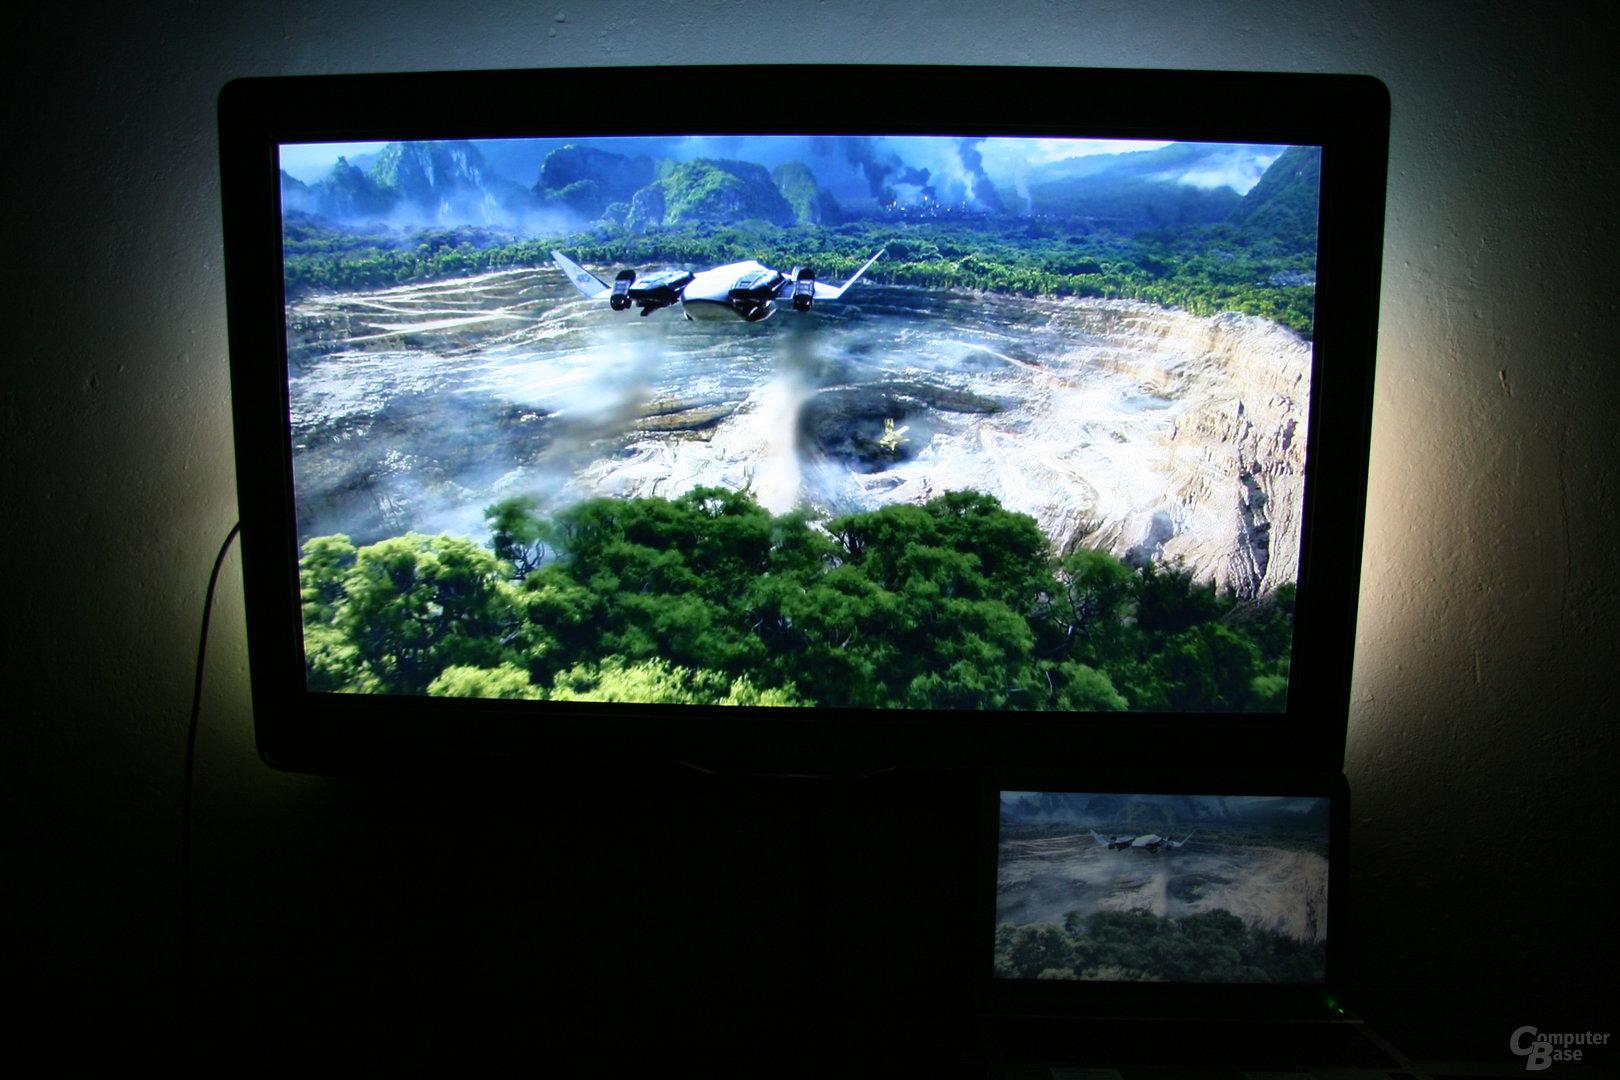 WiDi im Einsatz: Avatar vom Notebook auf TV gelegt